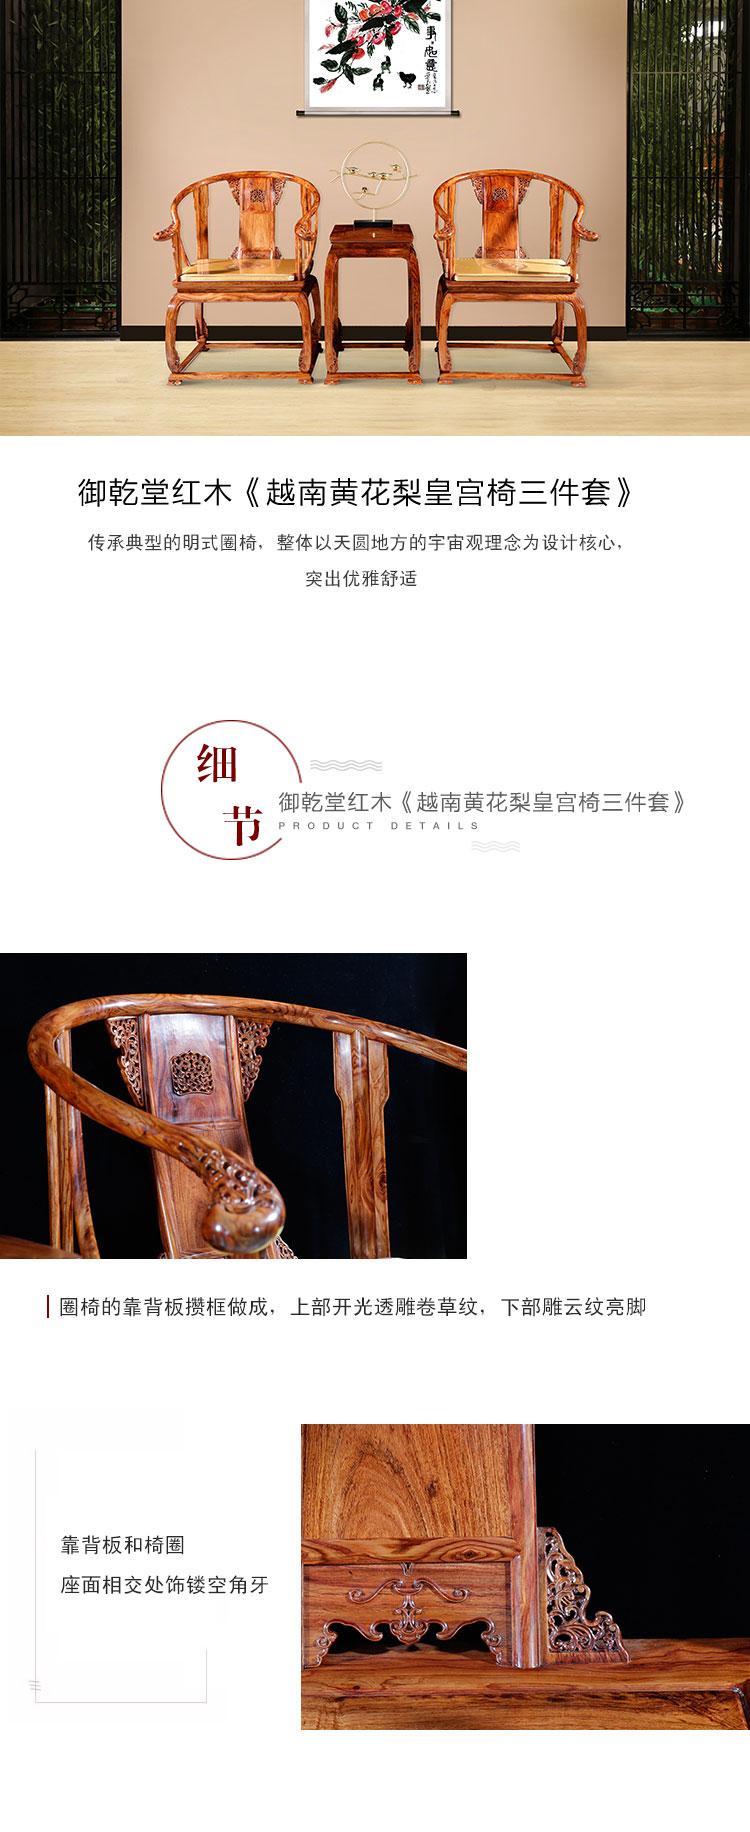 御乾堂越南黄花梨皇宫椅三件套-1.jpg